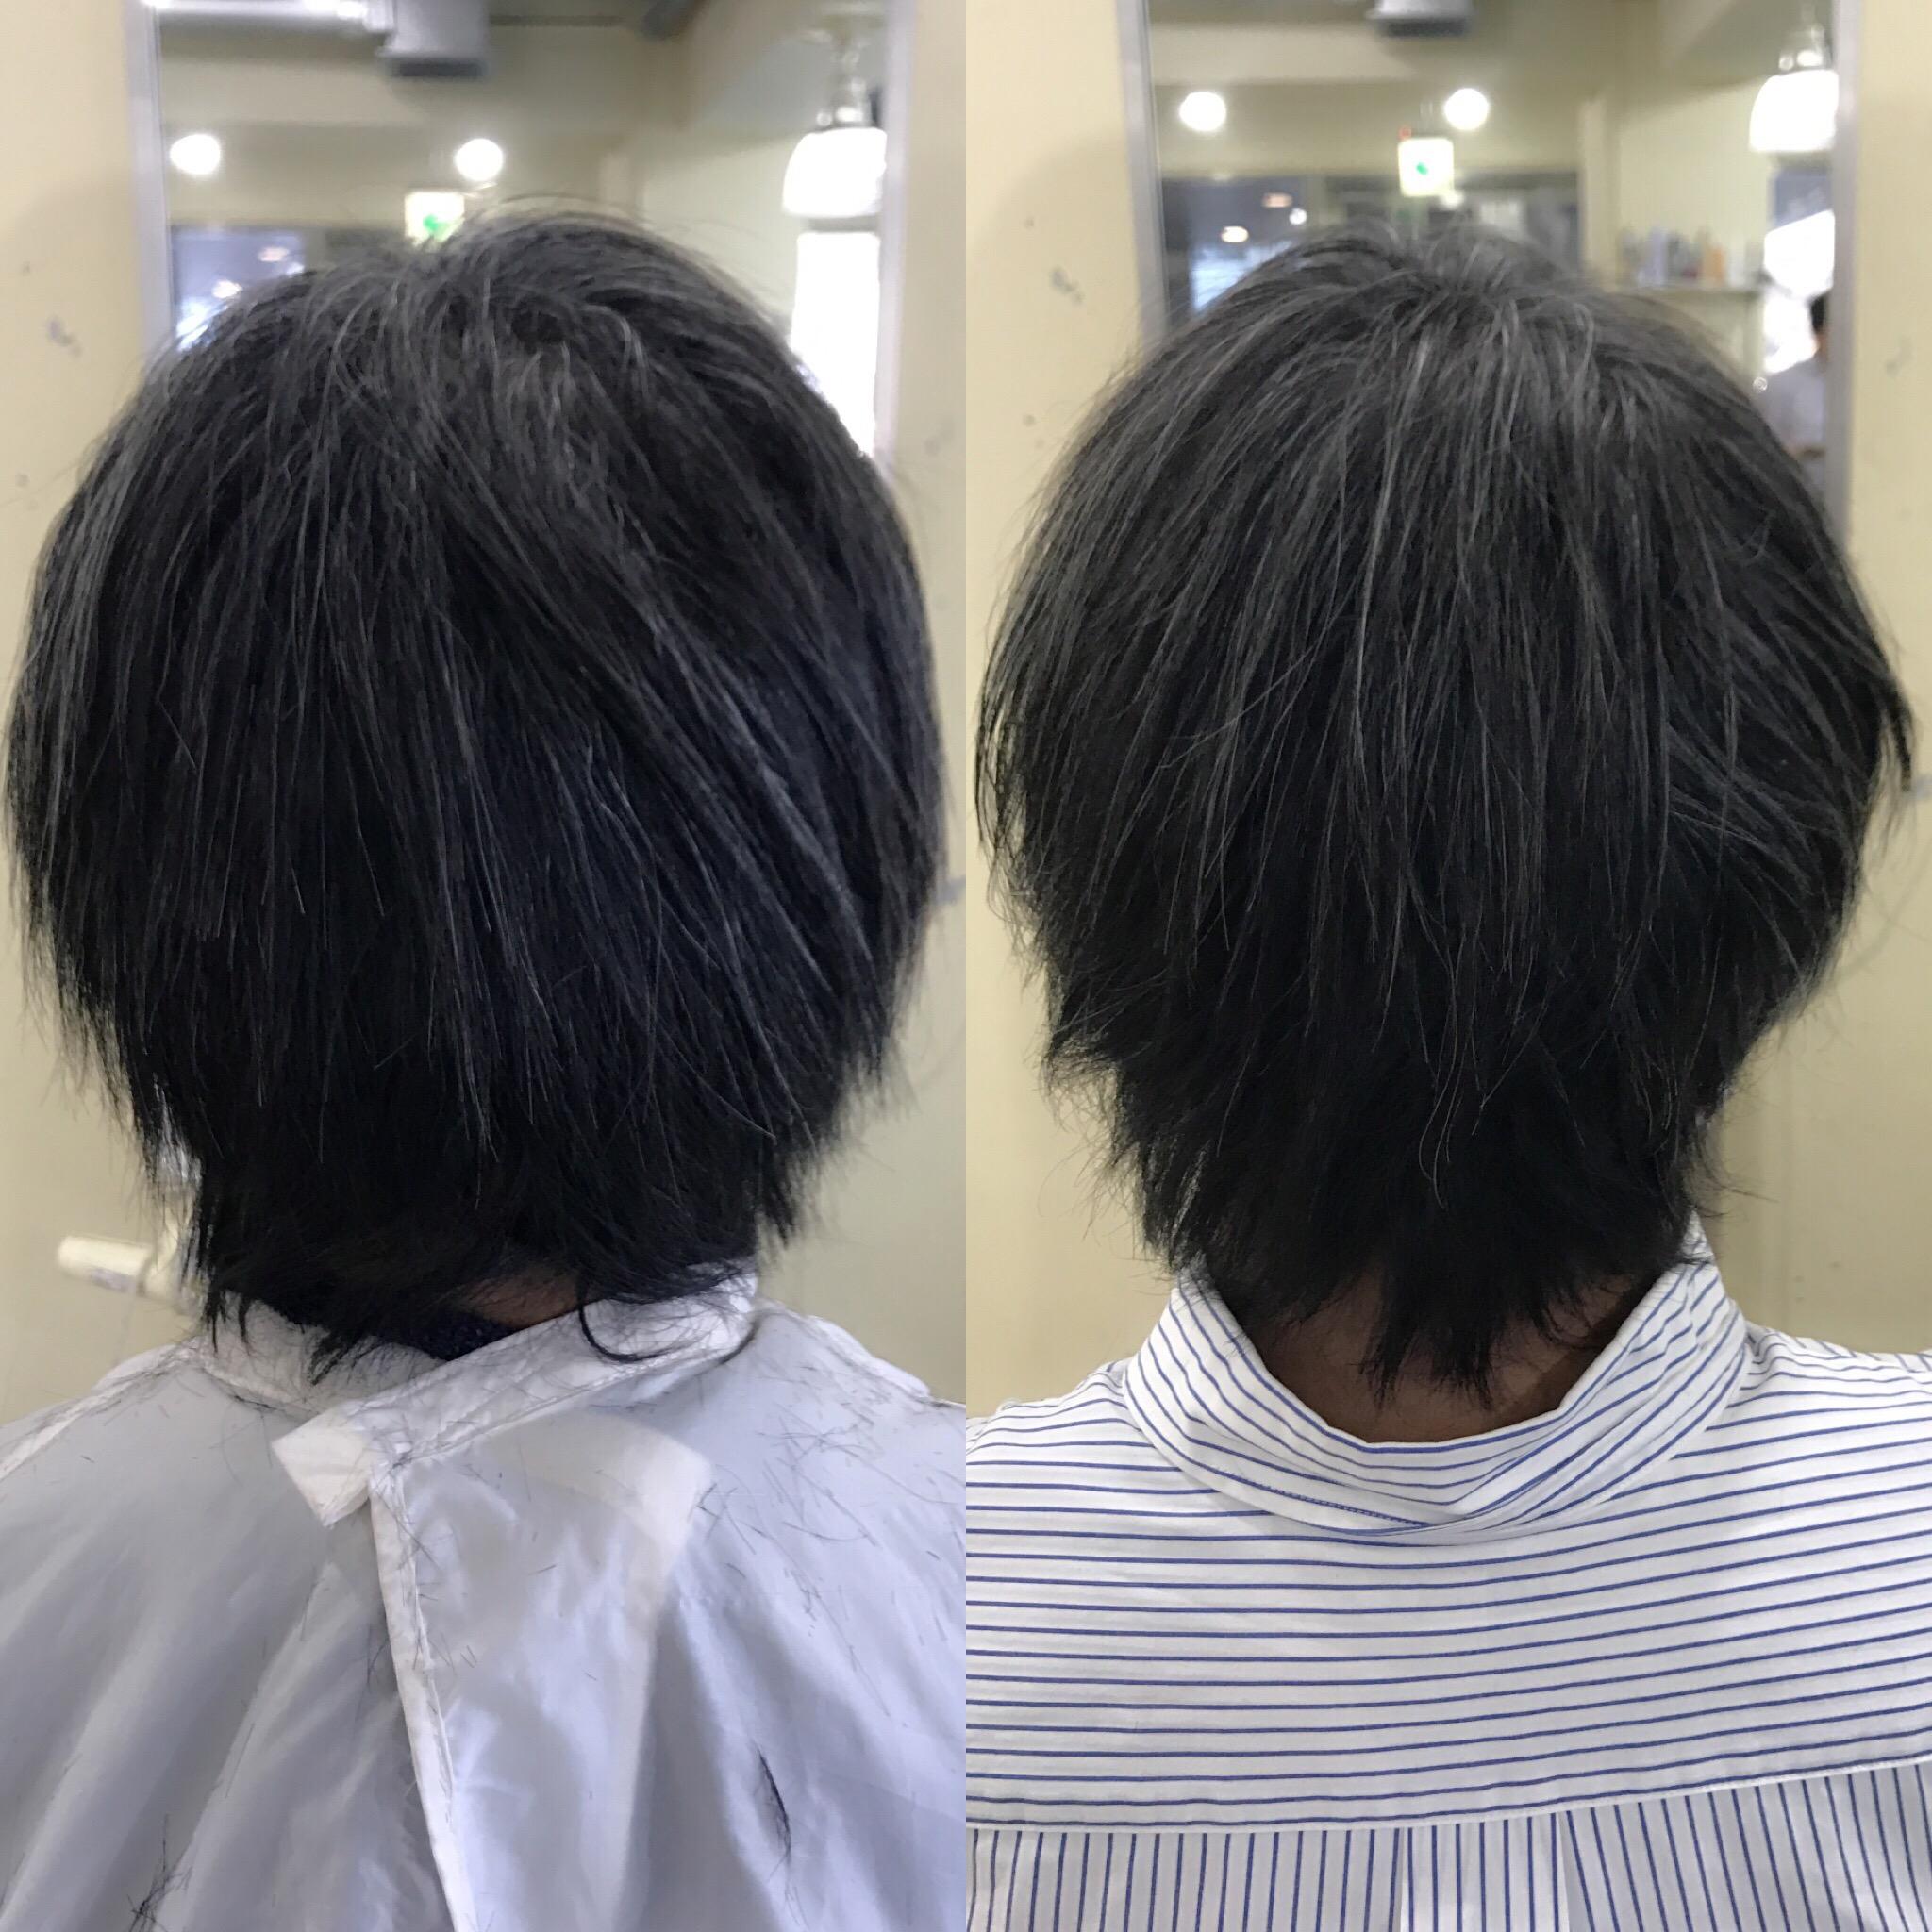 【髪を美に向かって成長させる】そんな事を思い美容師をやっています。そんな中の1つのグロウ縮毛矯正スタイルです^ ^